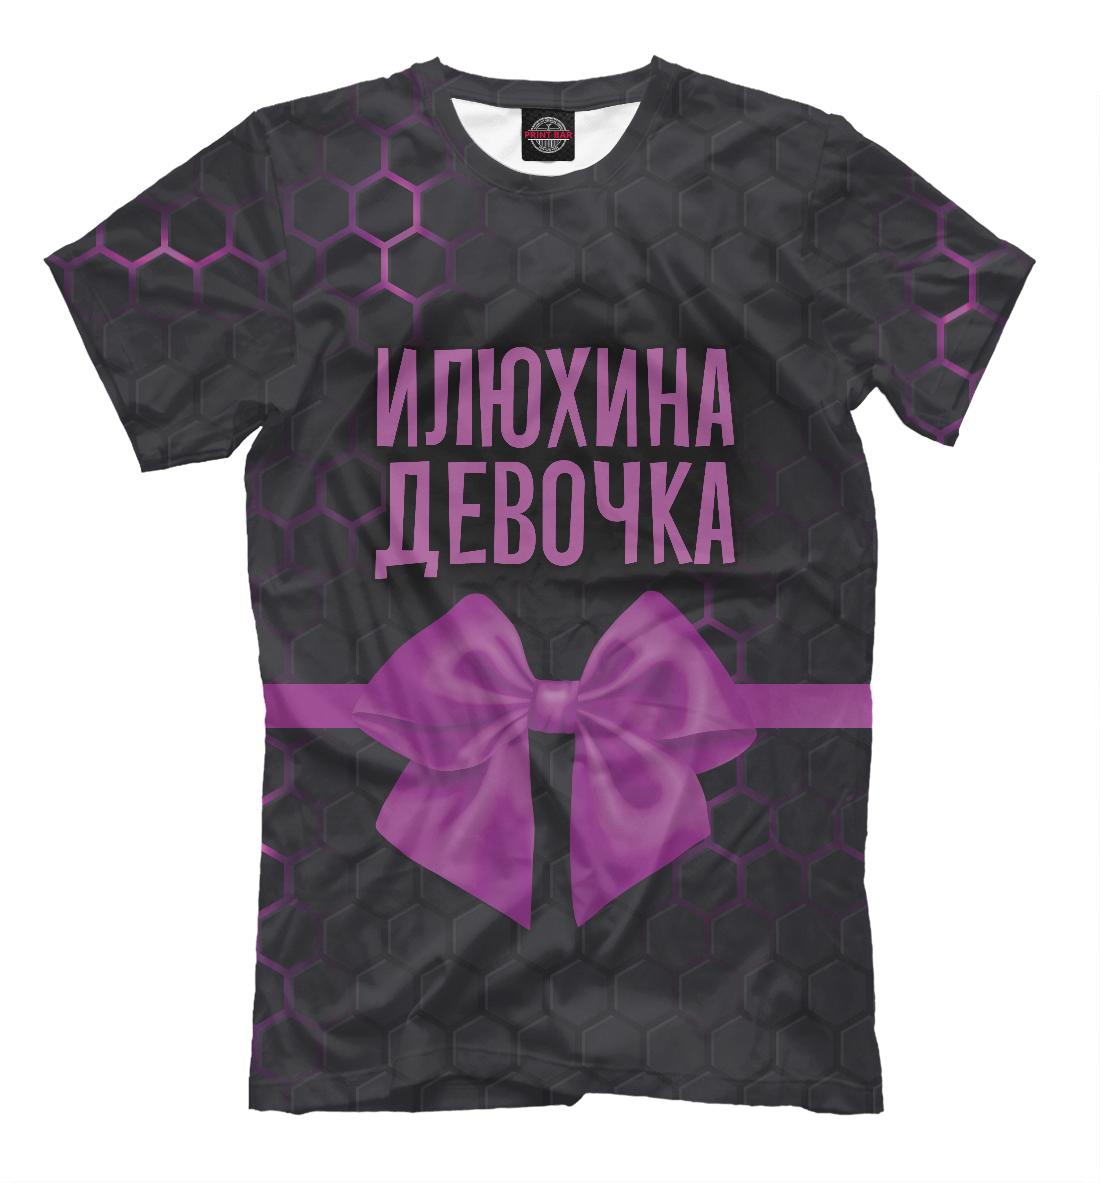 Футболка Илюхина девочка (543347)